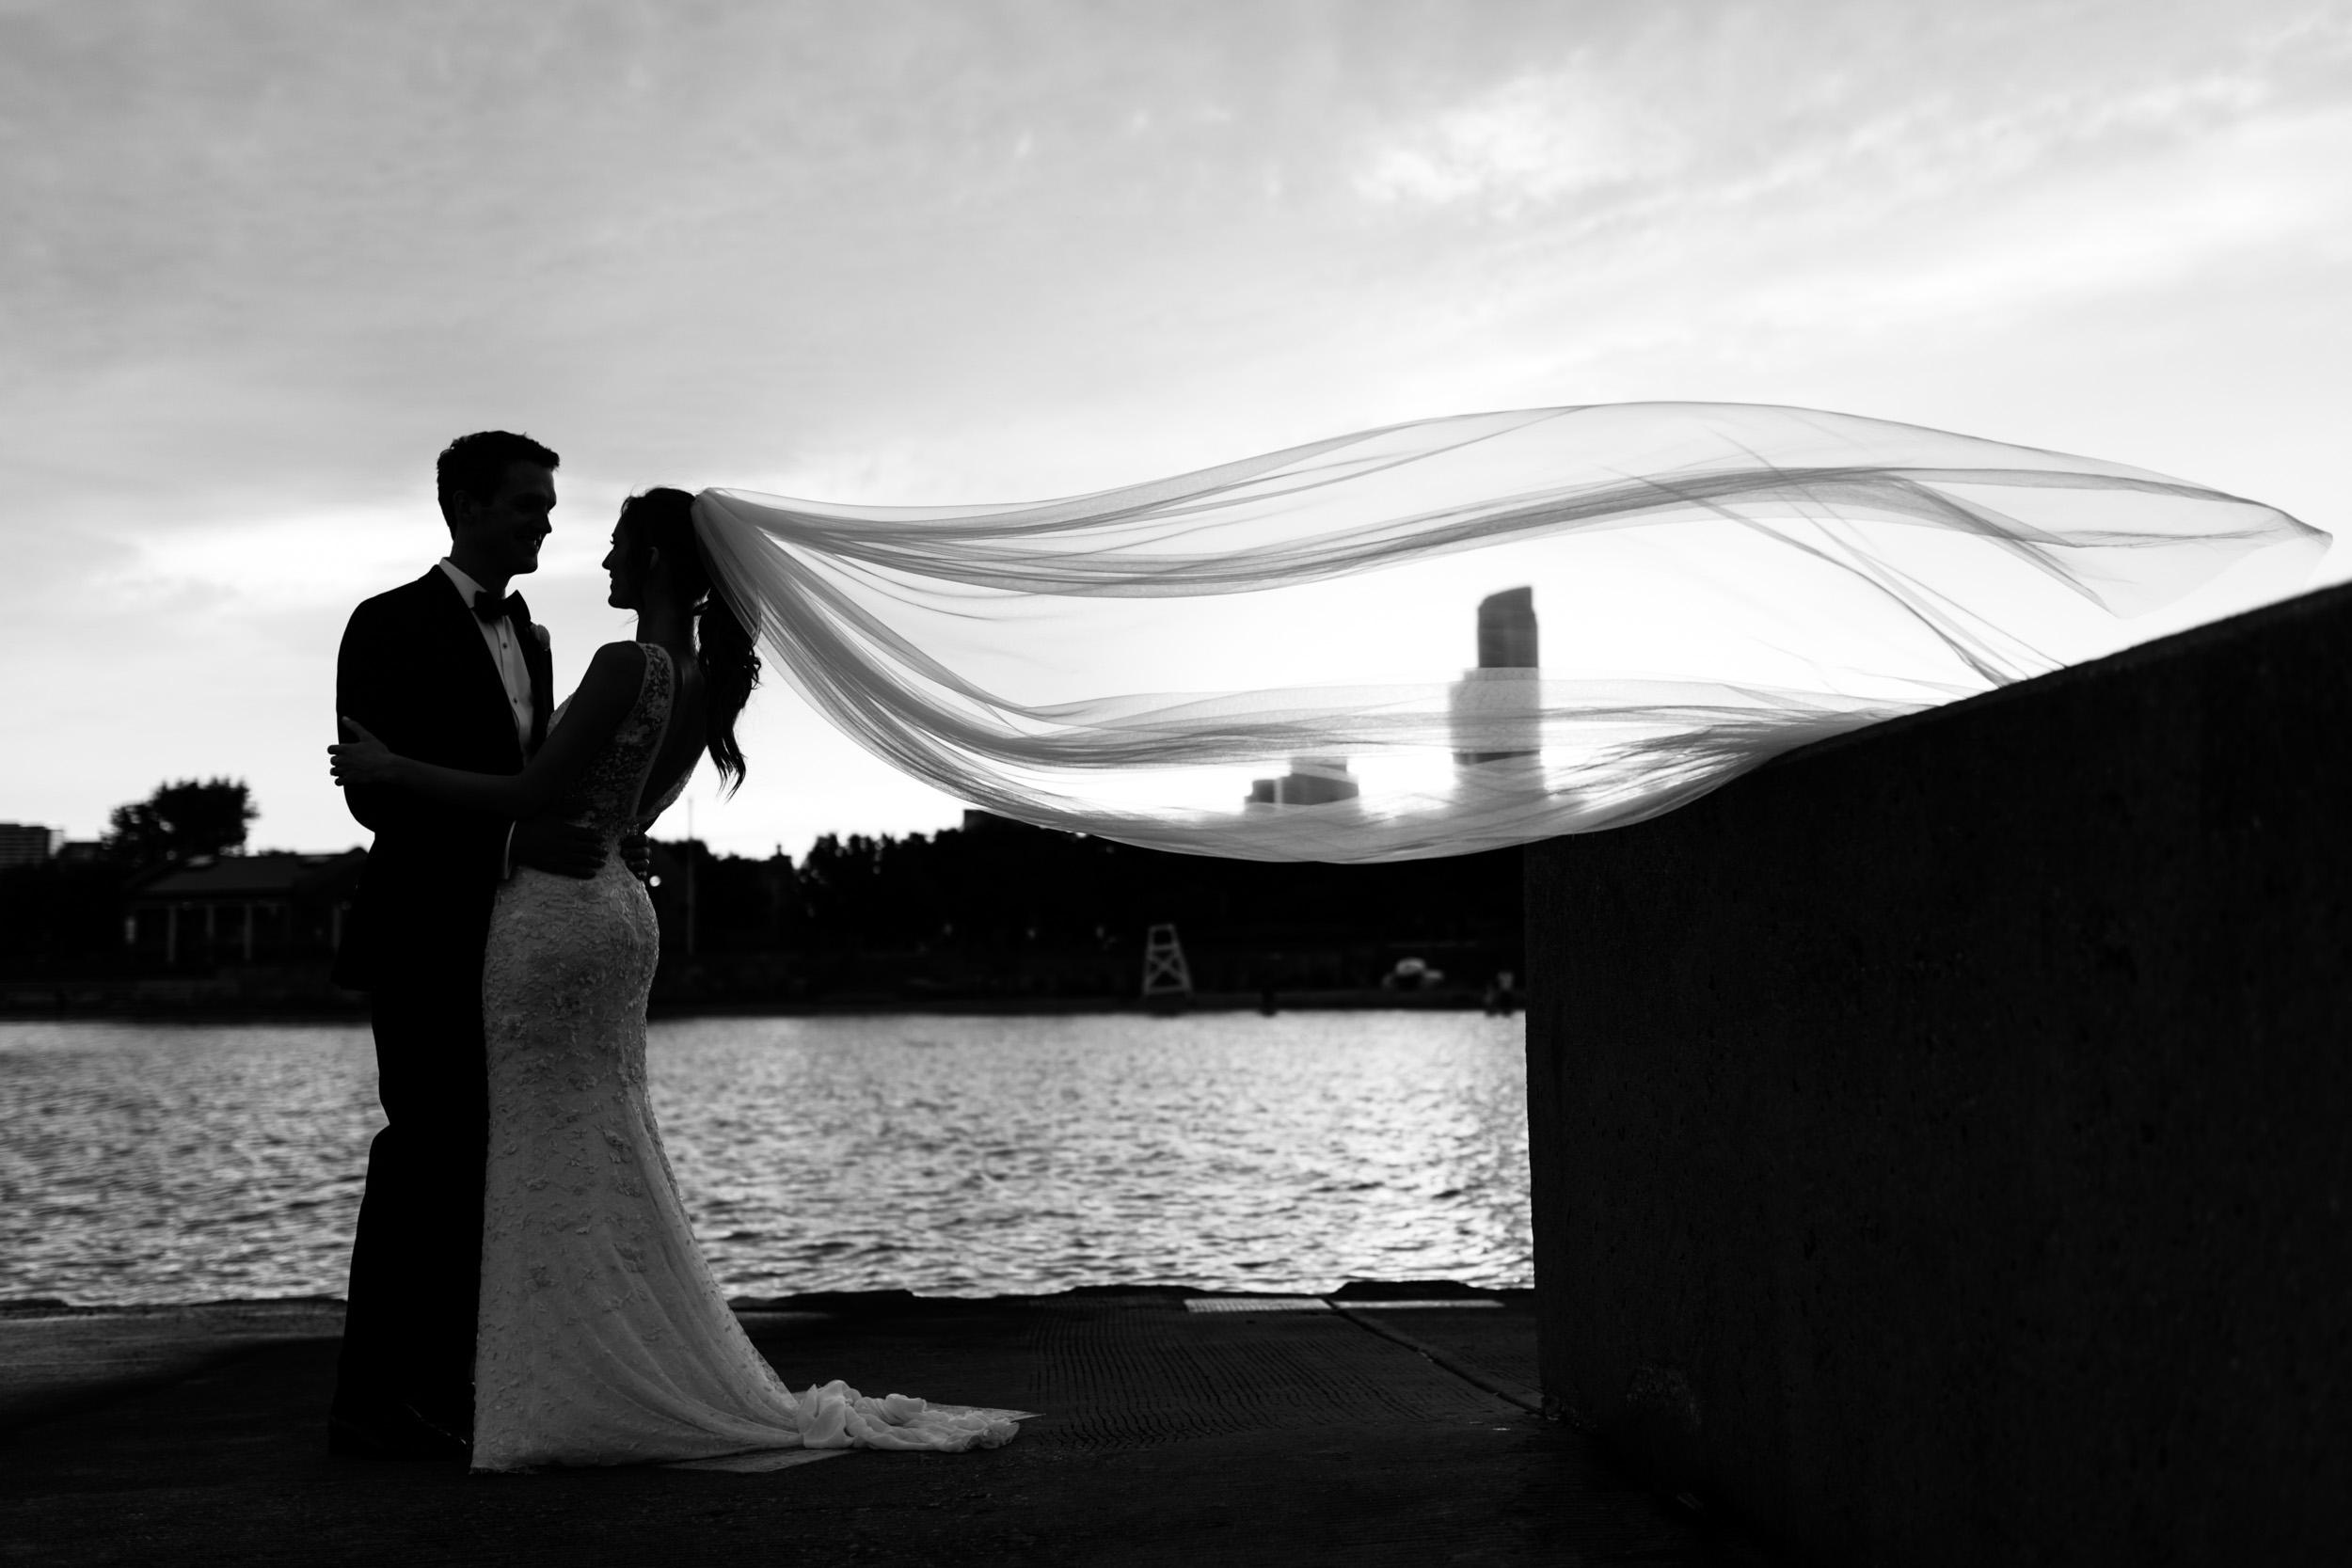 chicago-wedding-photos-studio-this-is-jack-schroeder-27.jpg